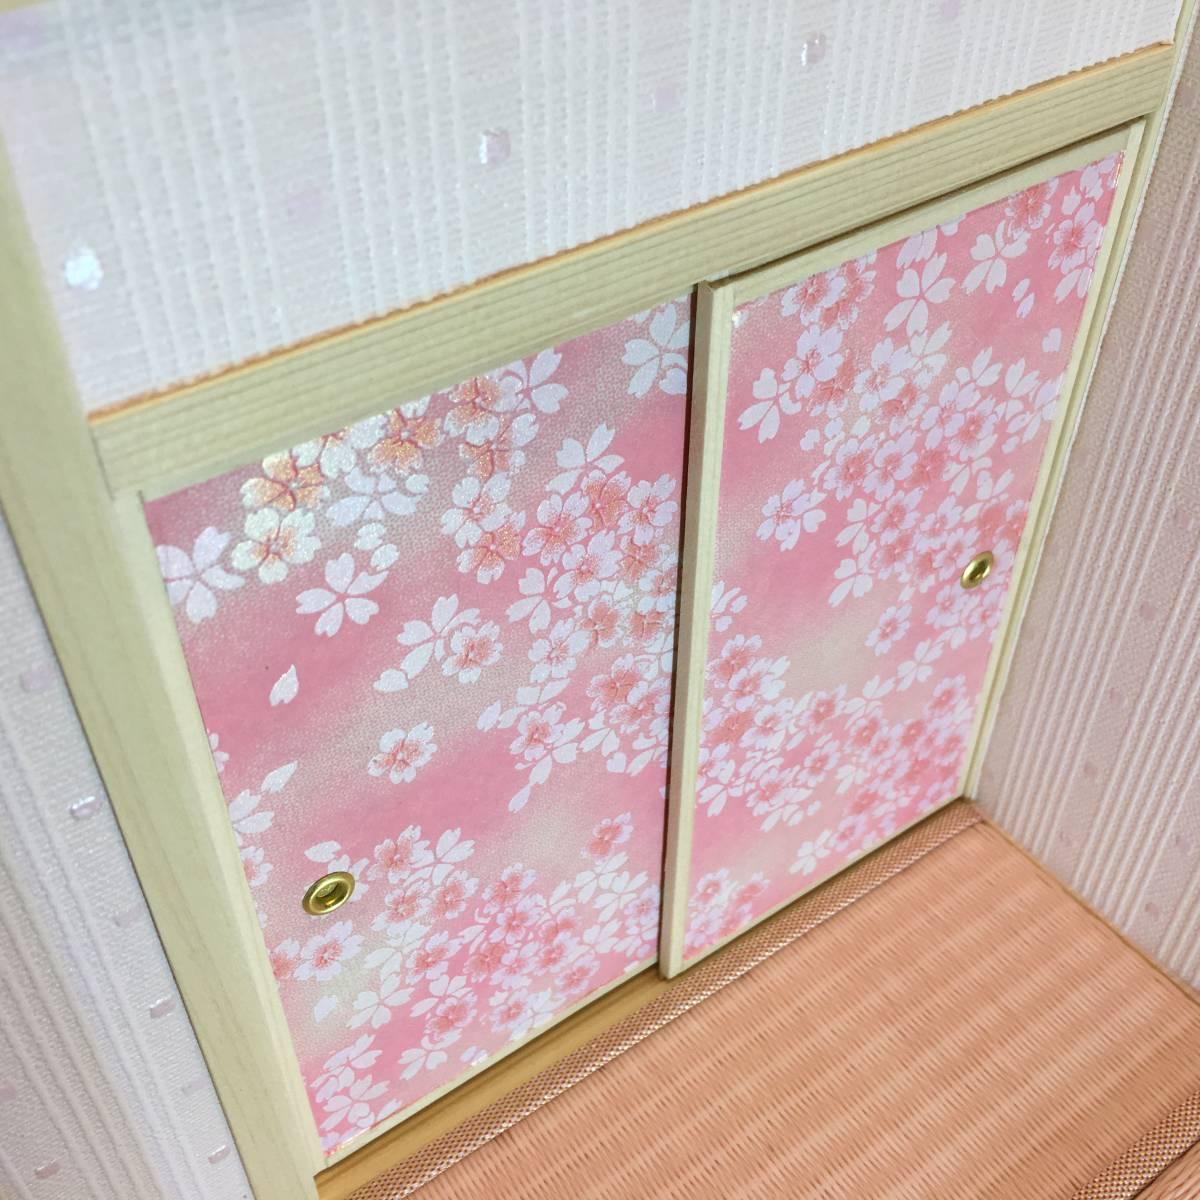 ドールハウス 和室 和風 畳部屋 1/12 サイズ ピンク ポップ桜の間。プチブライス ピコニーモ あまむす オビツ11のミニチュア人形装飾撮影等_画像6